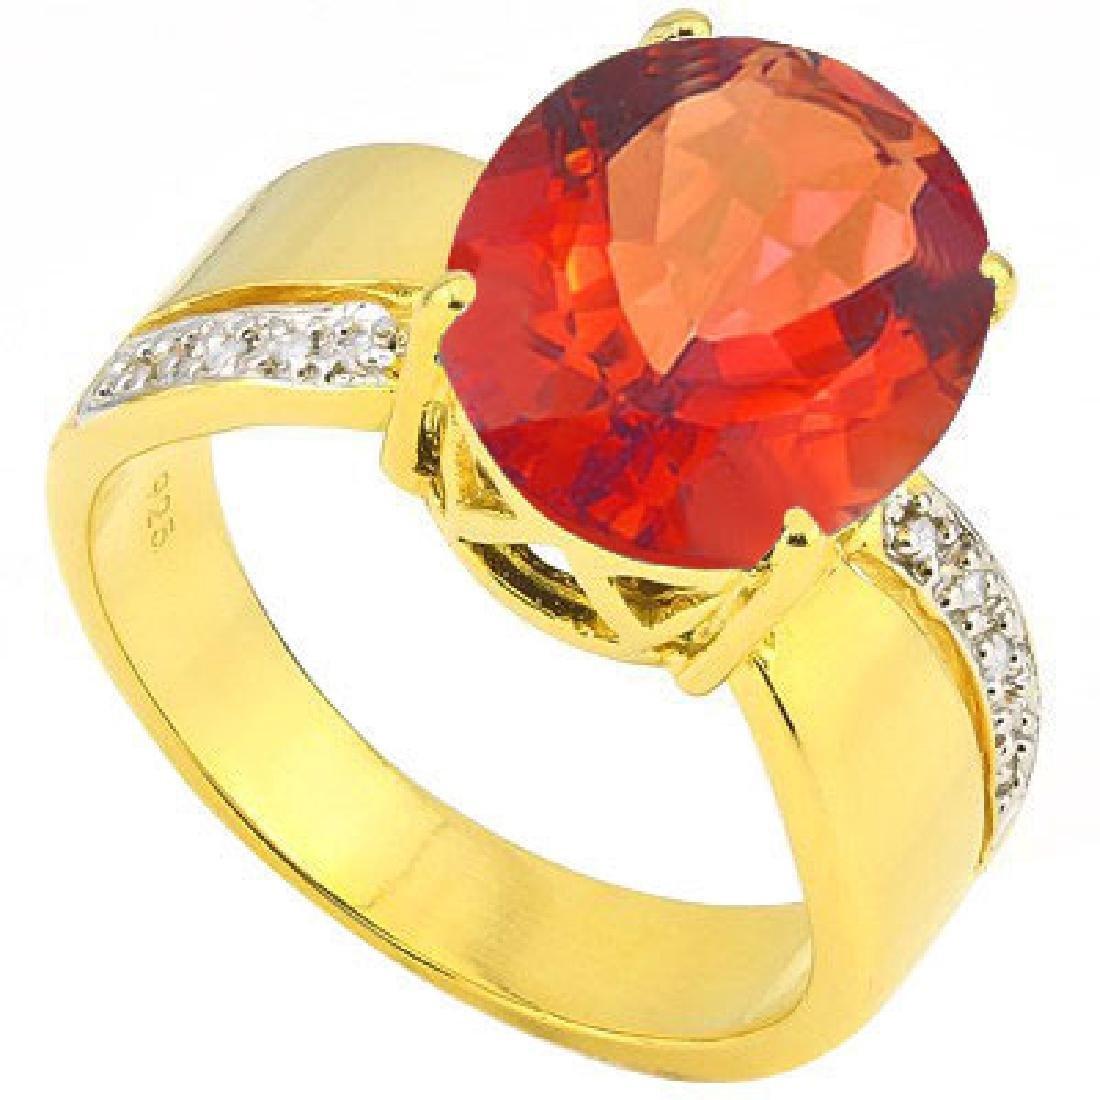 Stunning Hessonite & Diamond Ring